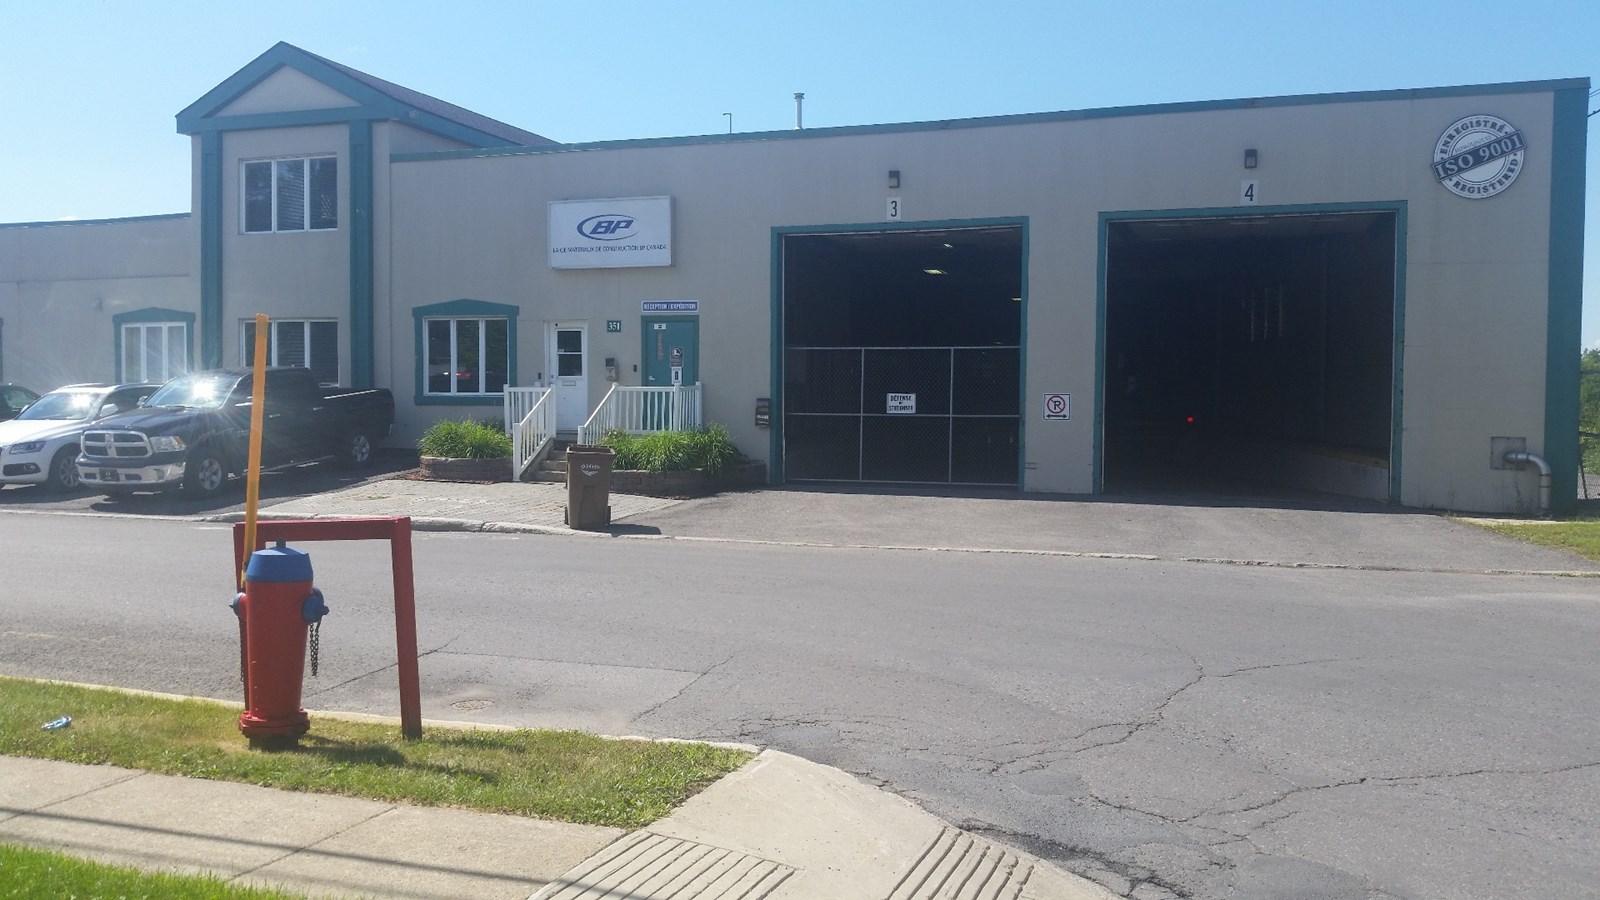 L 39 usine mat riaux de construction bp ferme ses portes le journal de jol - Materiaux de construction innovants ...